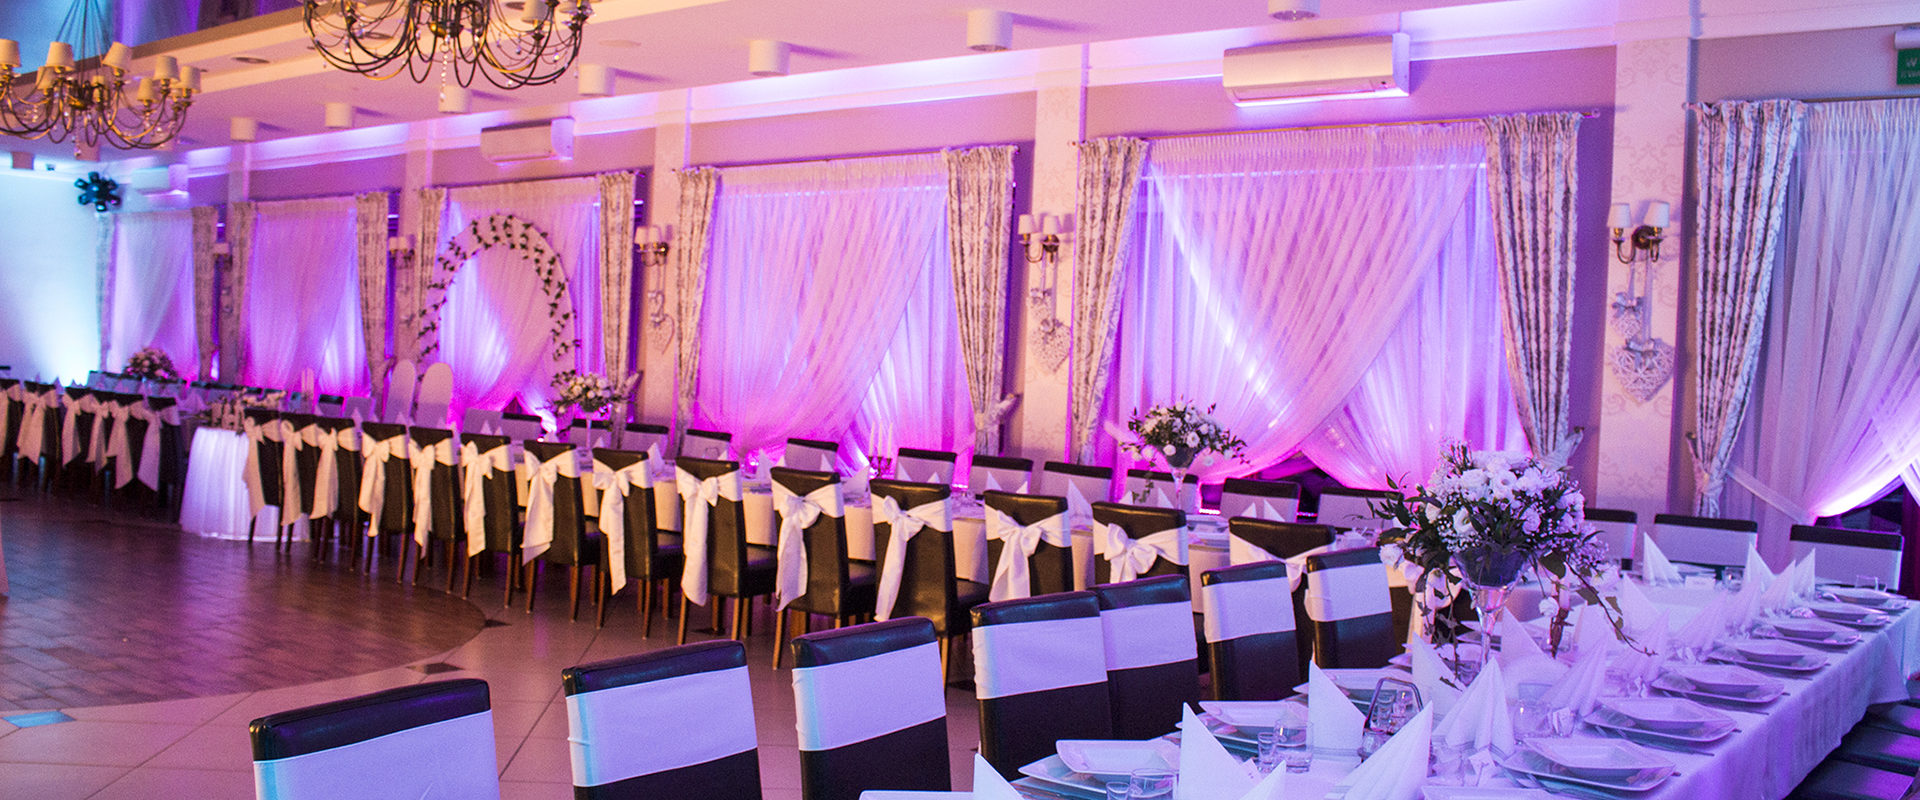 dekoracje światłem - najlepsza usługa na wesele